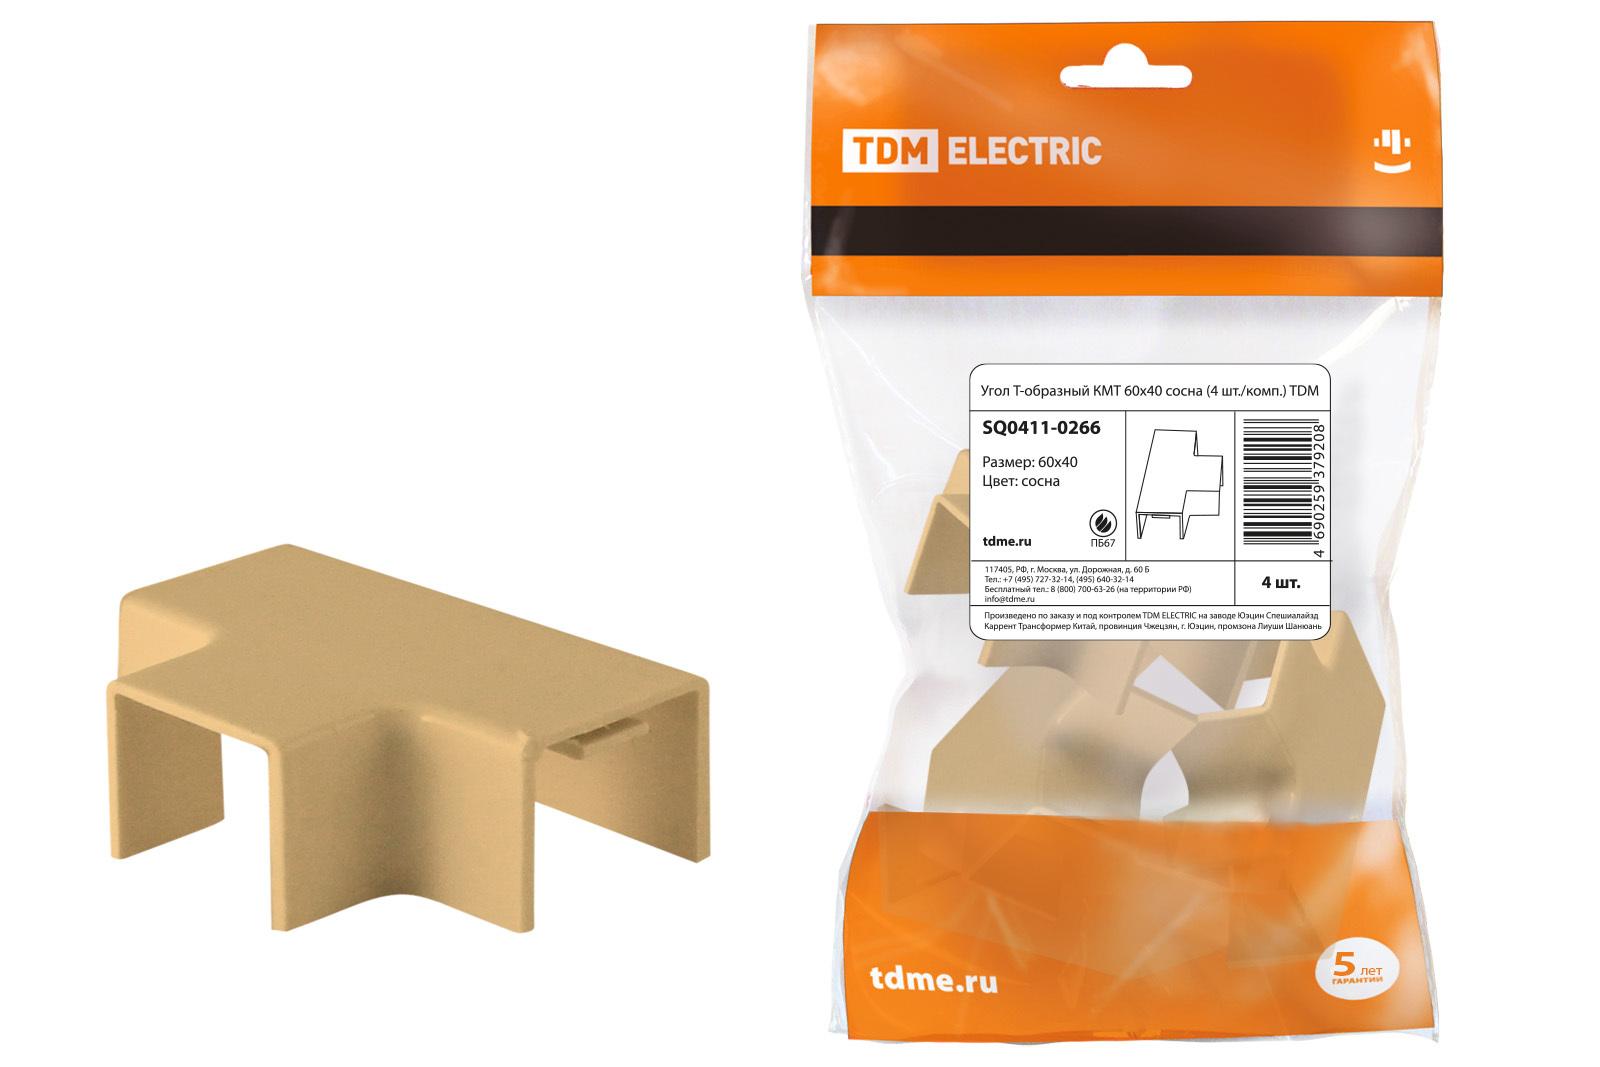 Угол Т-образный КМТ 60x40 сосна (4 шт./комп.) TDM